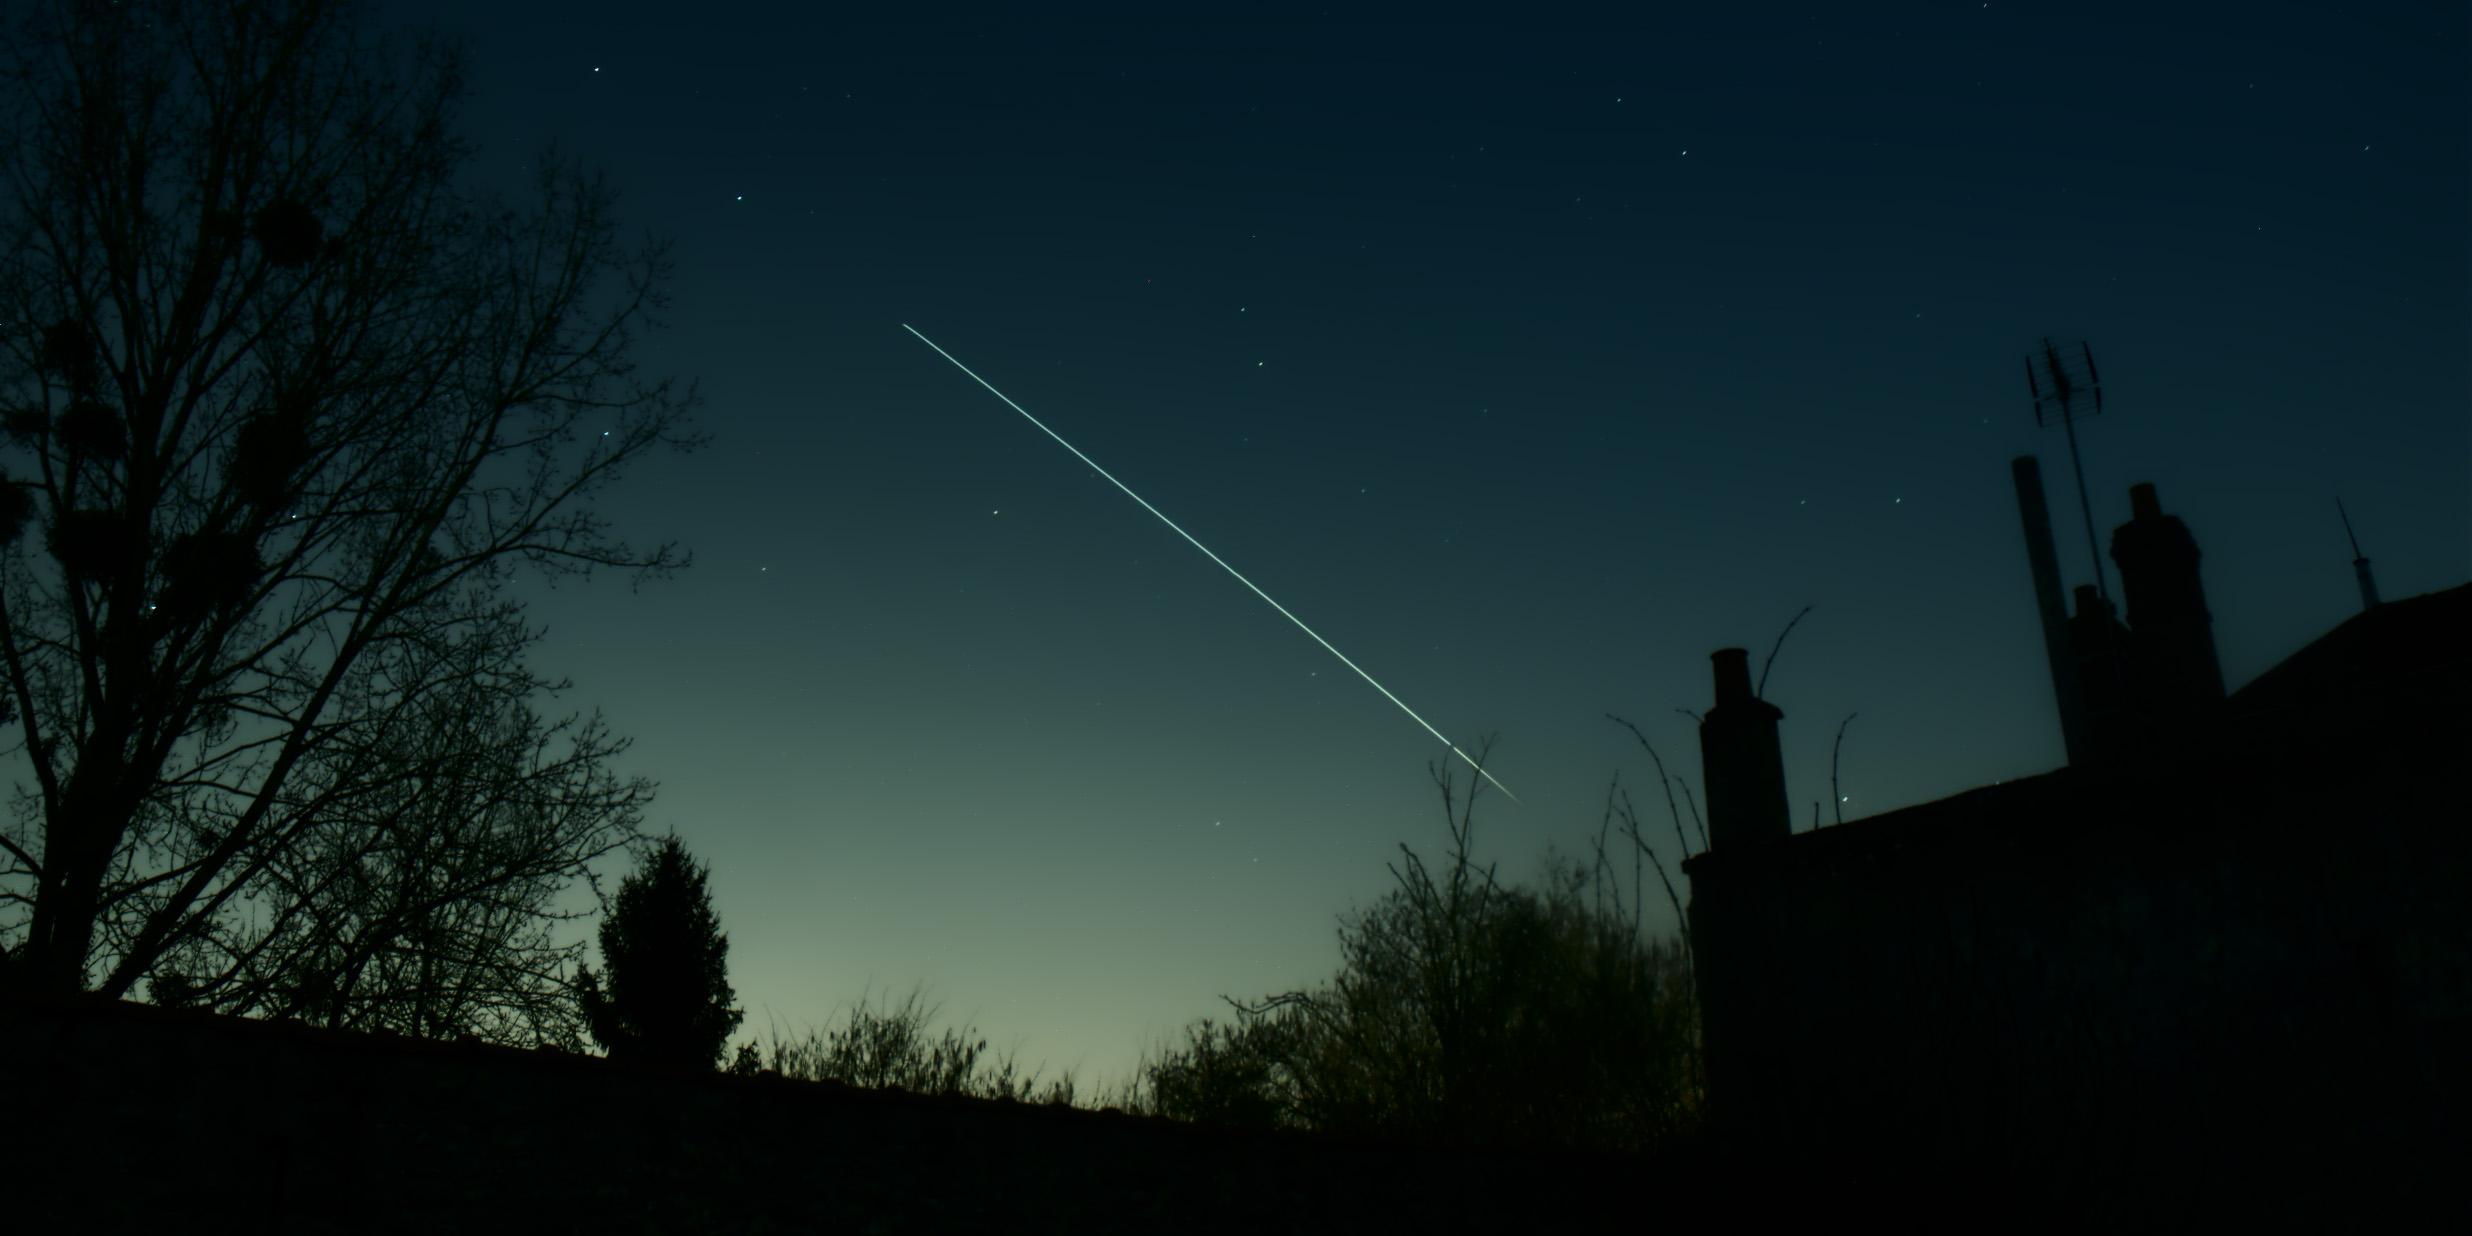 ISS_20130218_kl191430-1550_Montargis